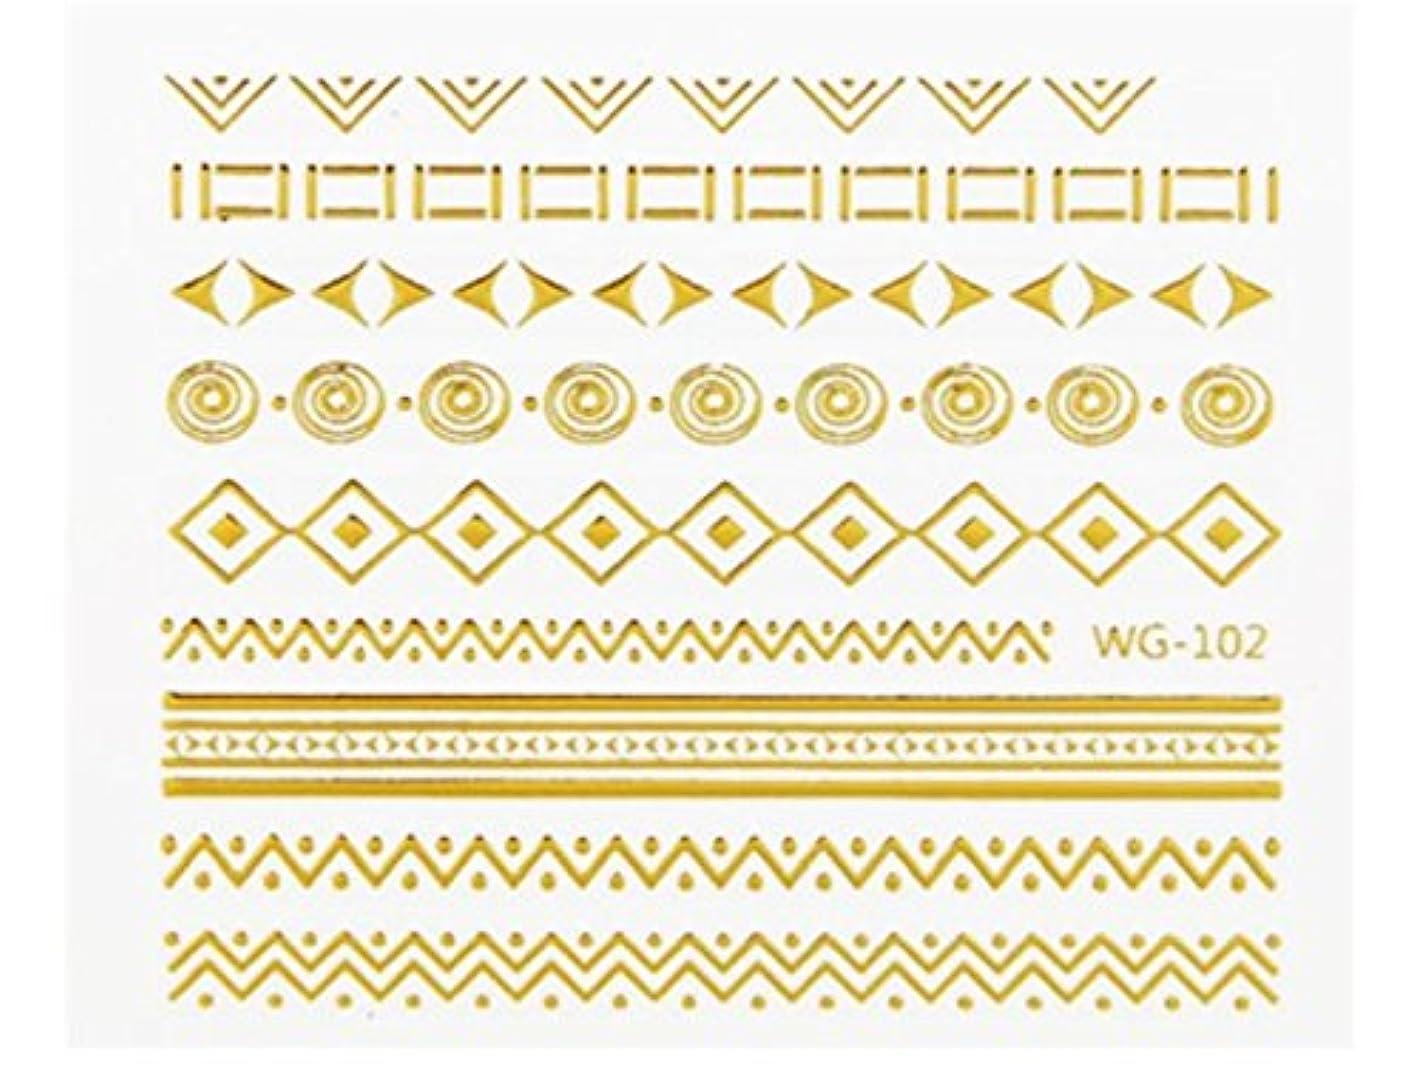 選出する花婿うなり声Osize ファッションウォーターマーク美しいヒントホットスタンピング3Dネイルステッカーネイルデカールカービングネイルステッカー(WG - 102ゴールデン)